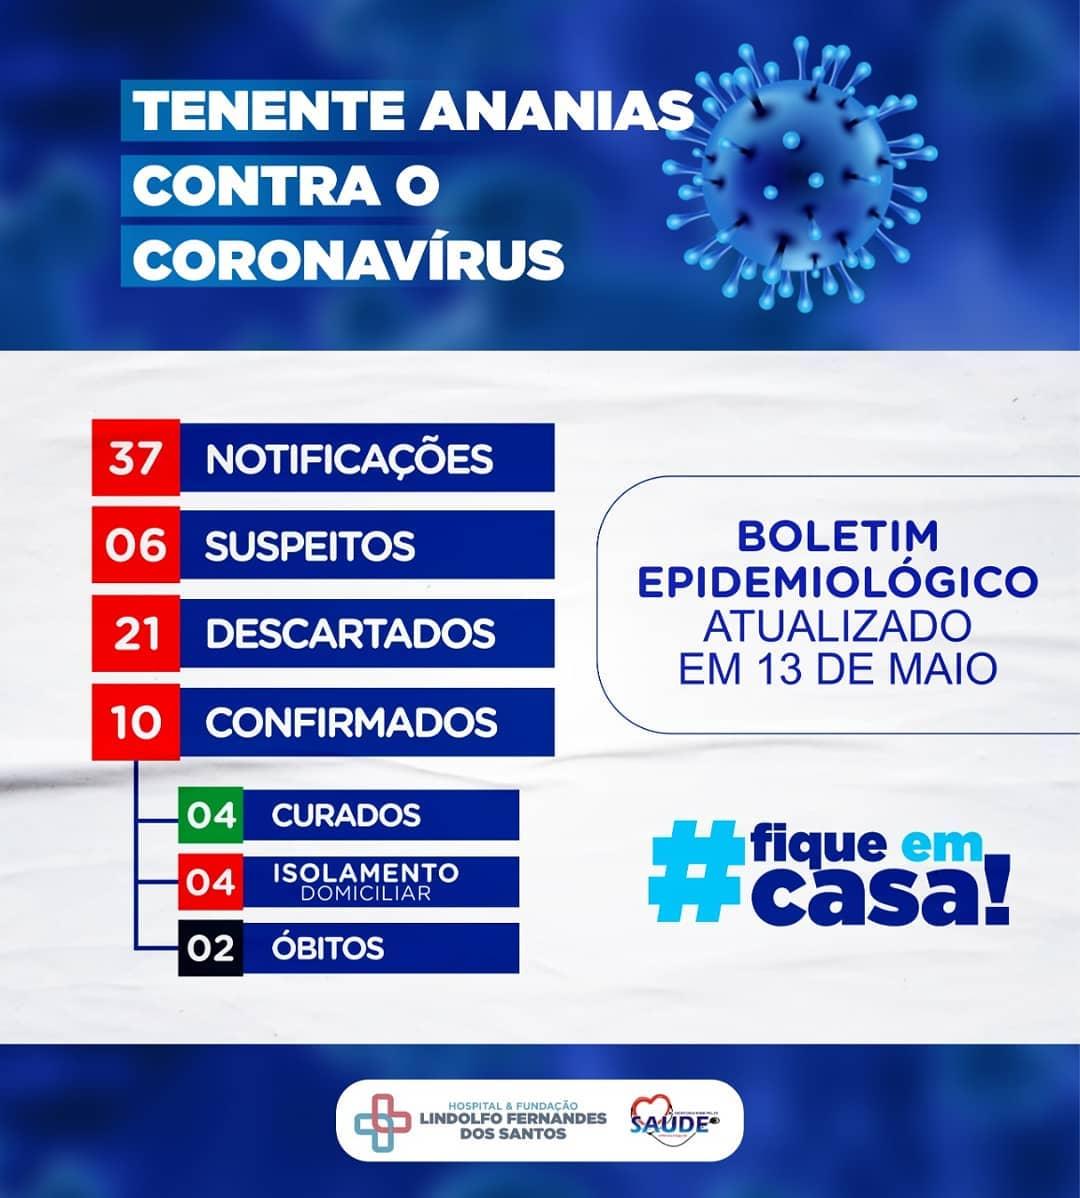 Boletim Epidemiológico, Atualizado em 13 de maio.